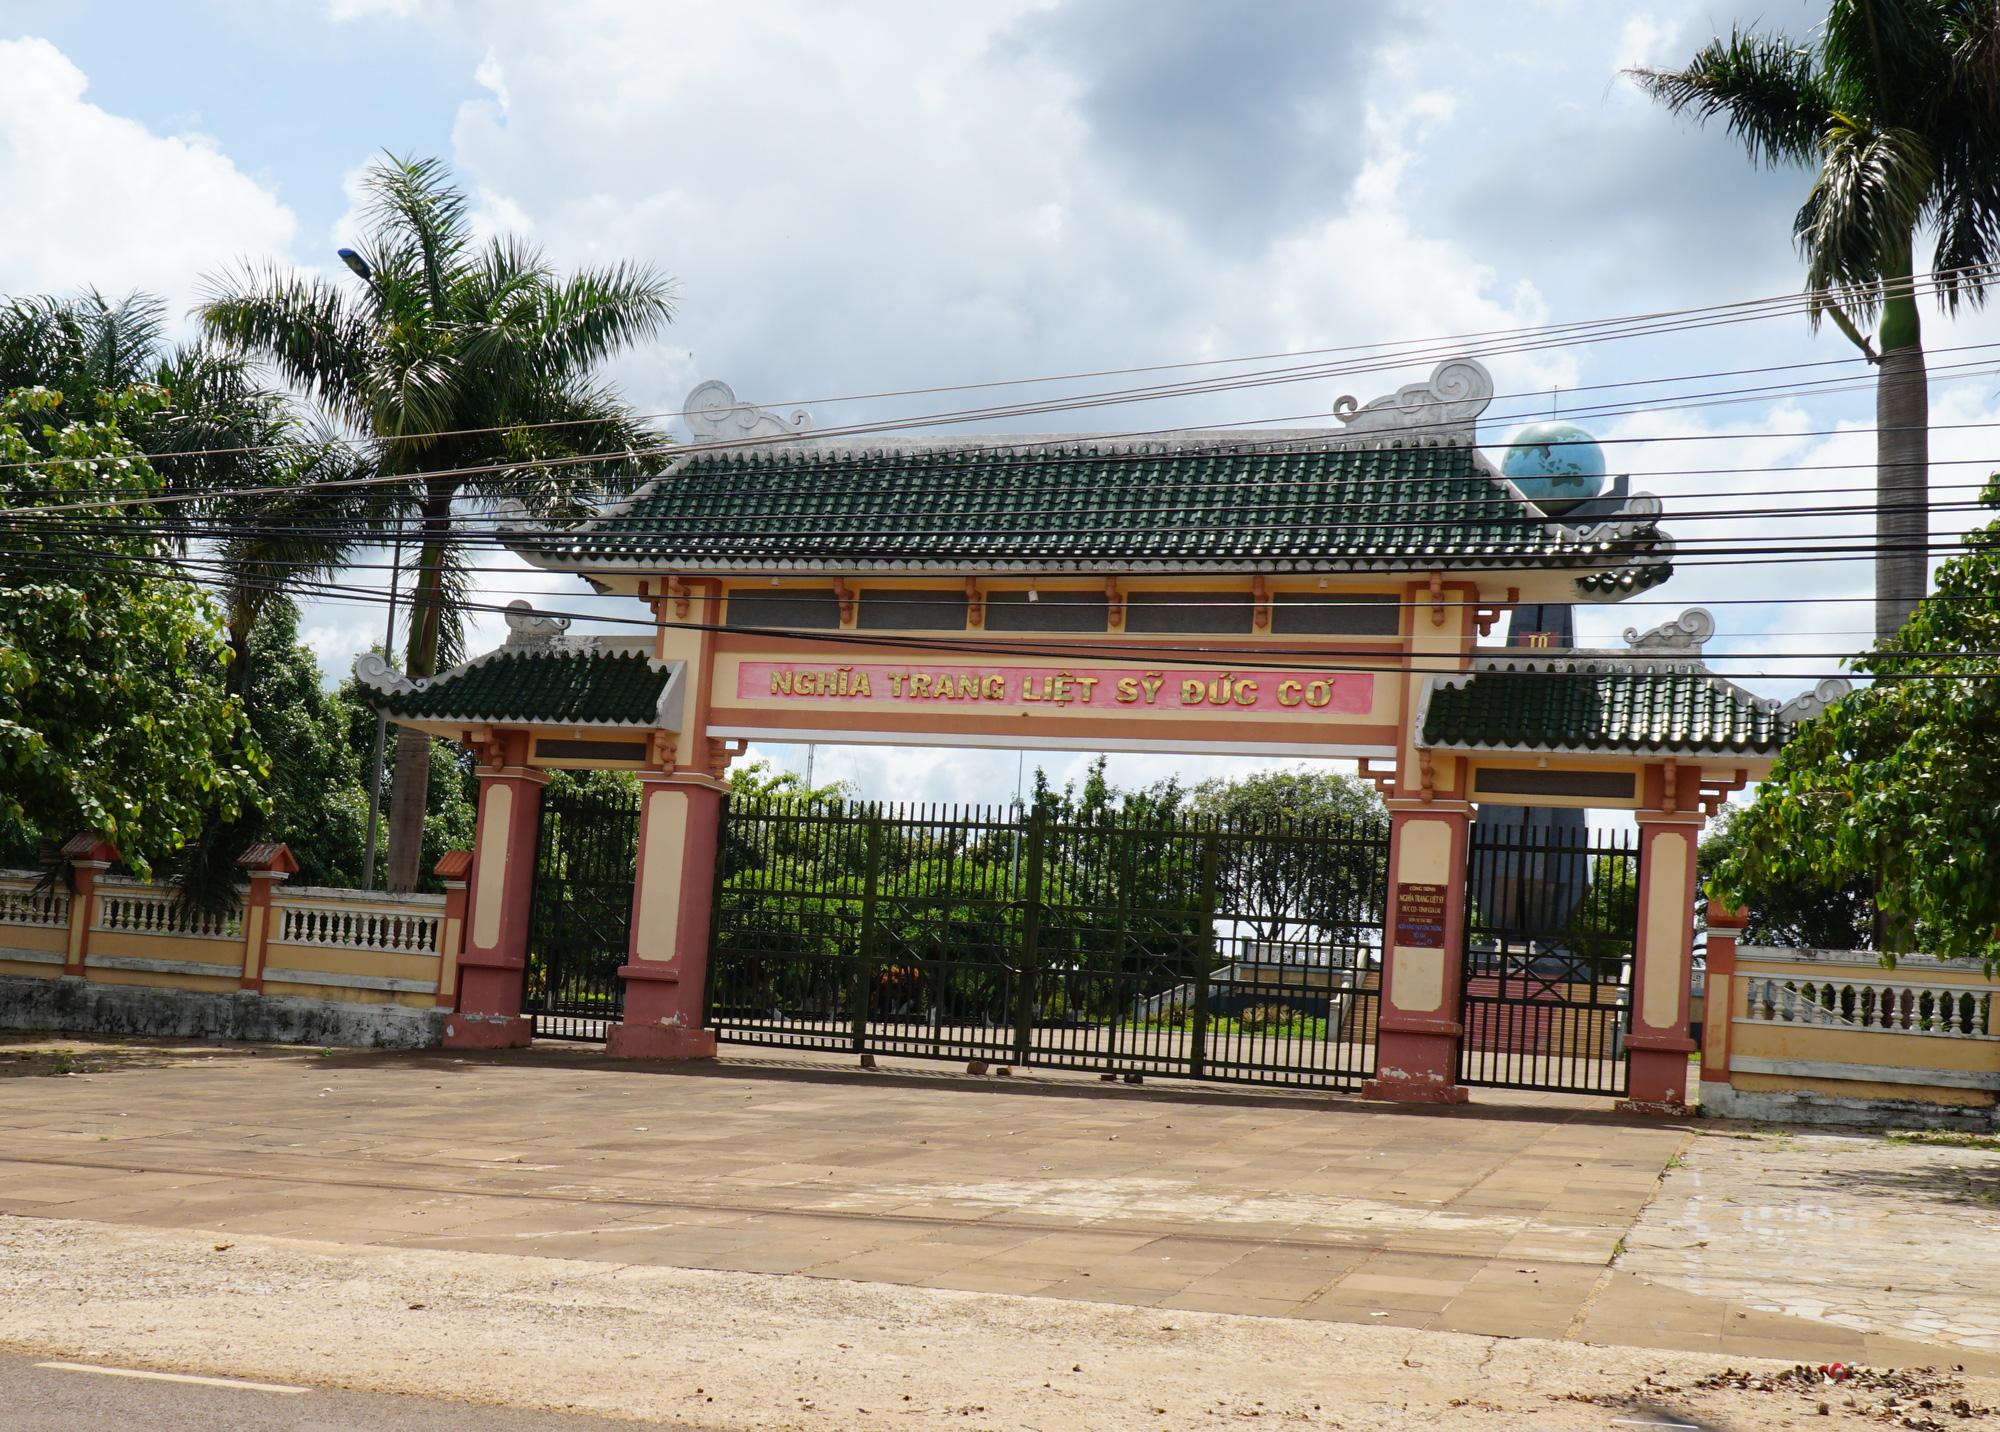 Công an tỉnh làm việc với Trưởng ban Dân vận Tỉnh ủy Gia Lai - Ảnh 1.